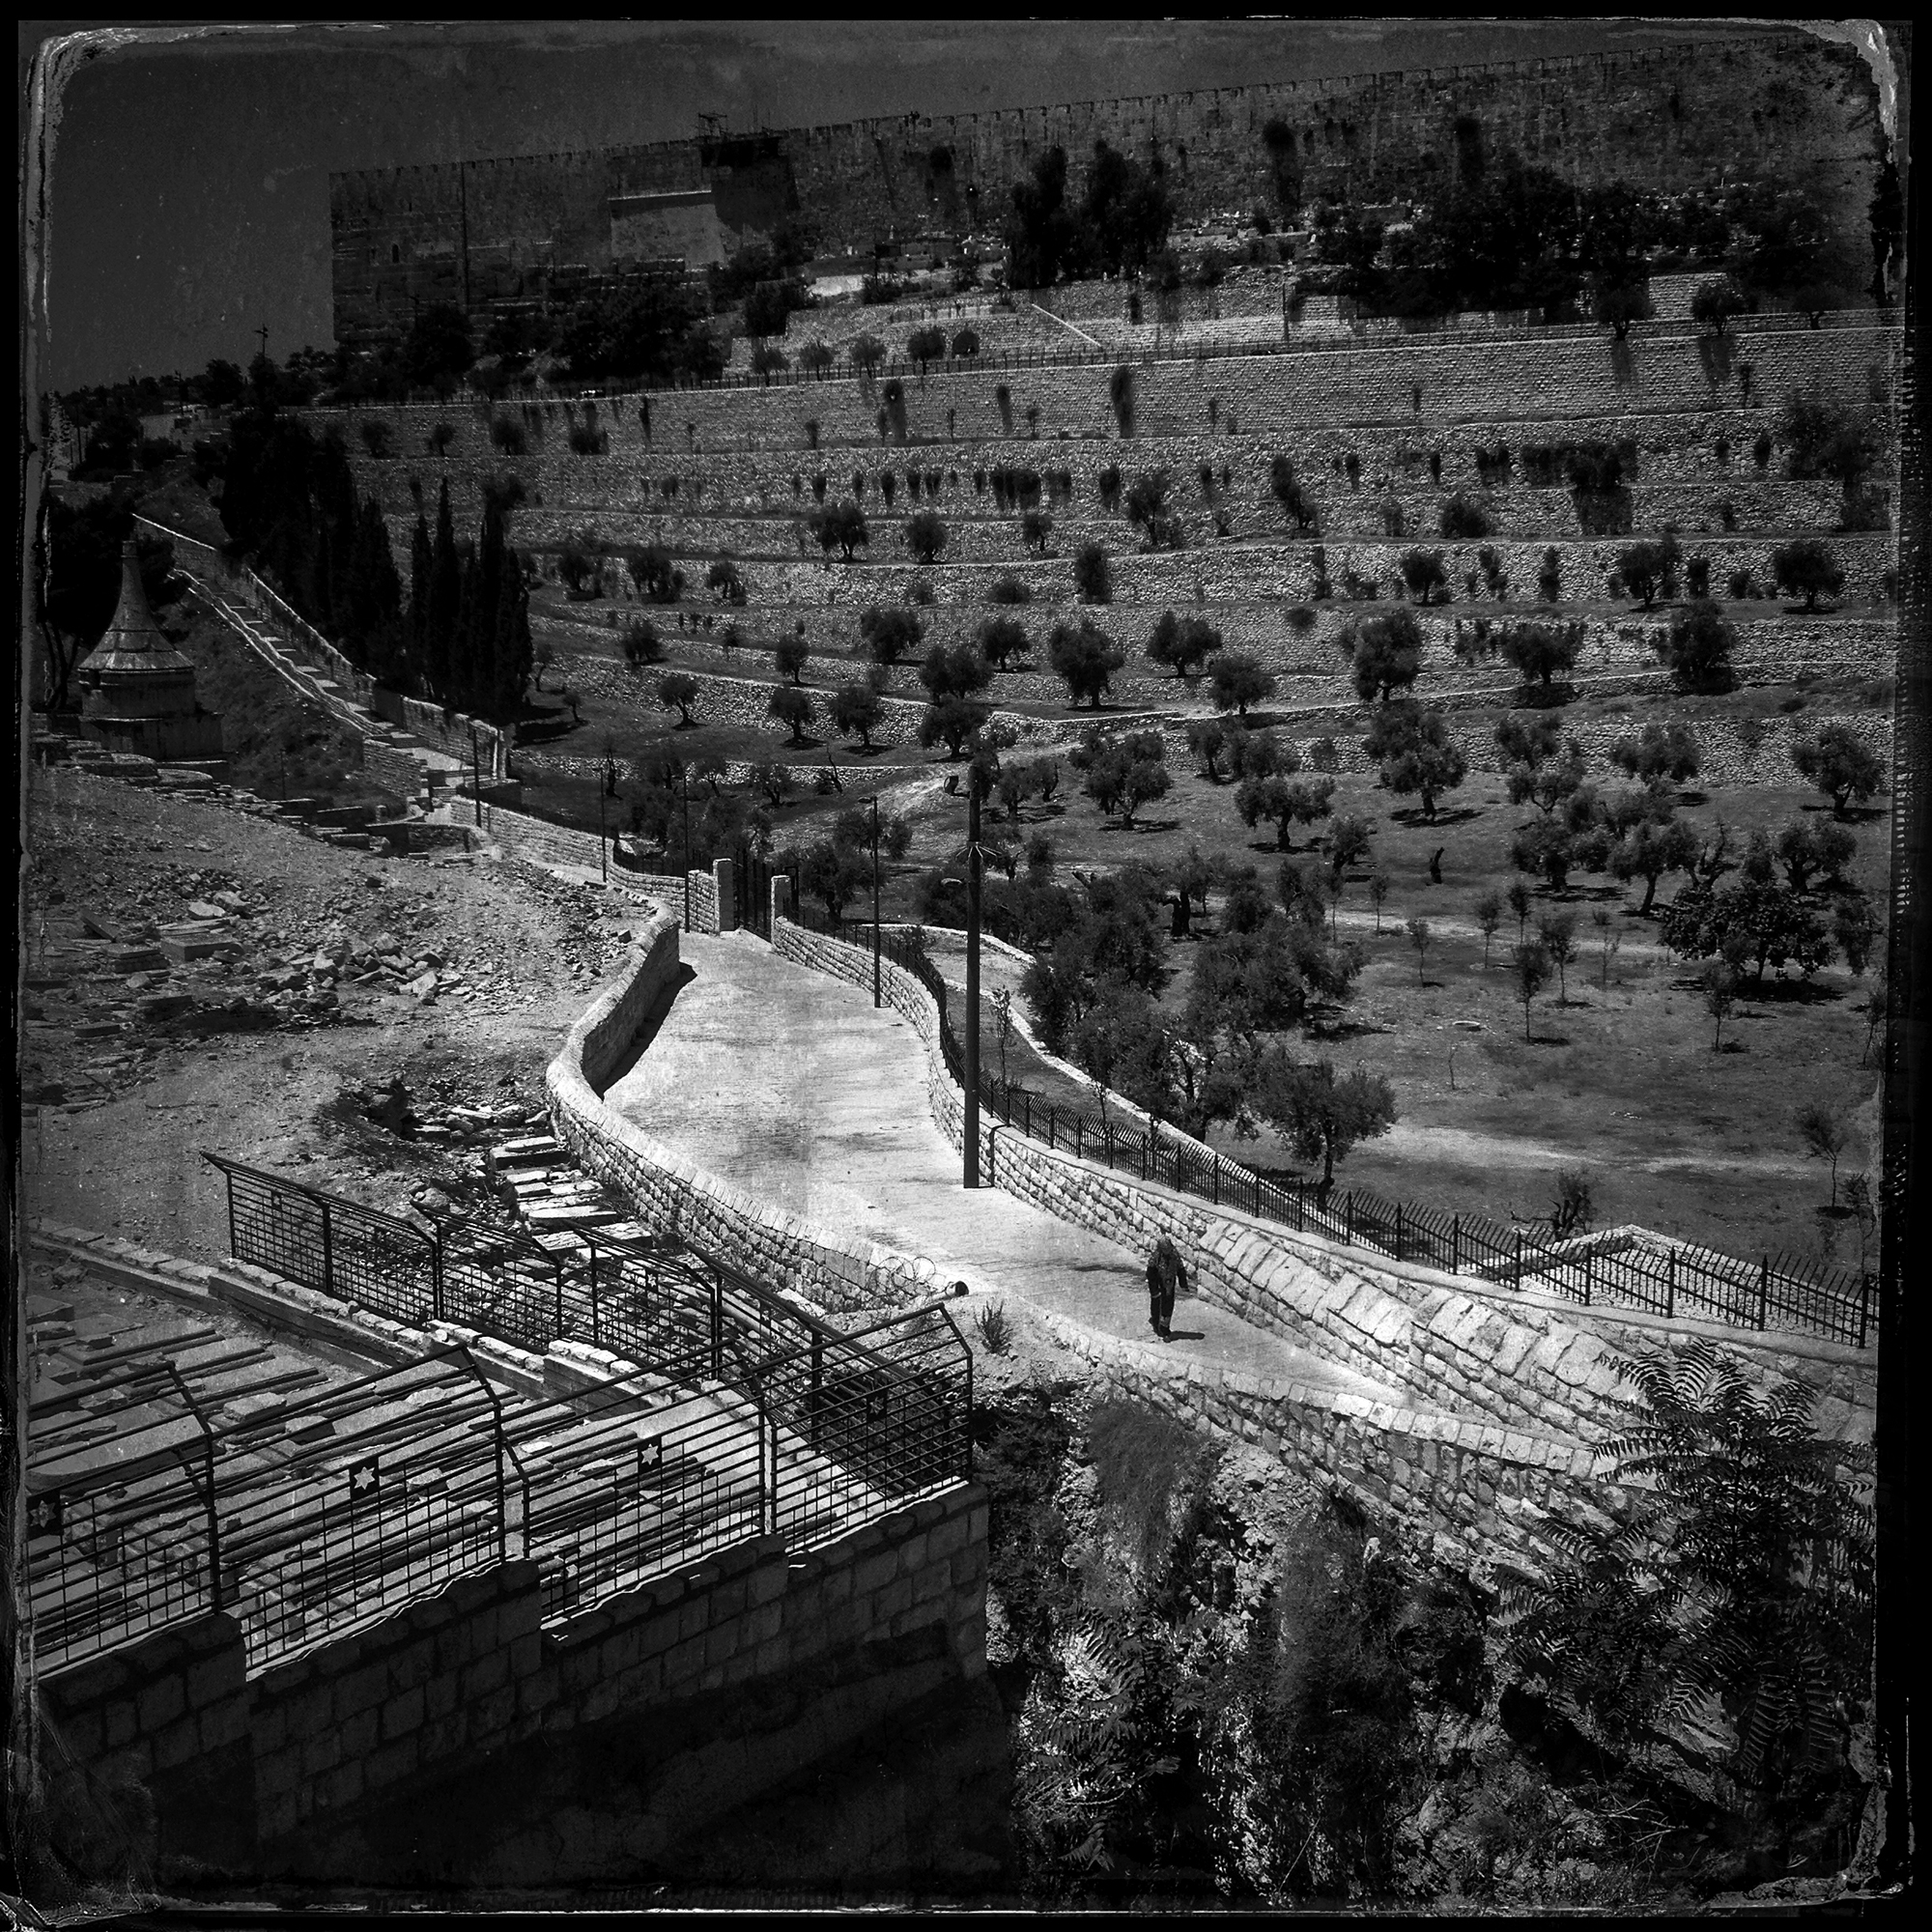 Mount of Olives, Jerusalem, 2013